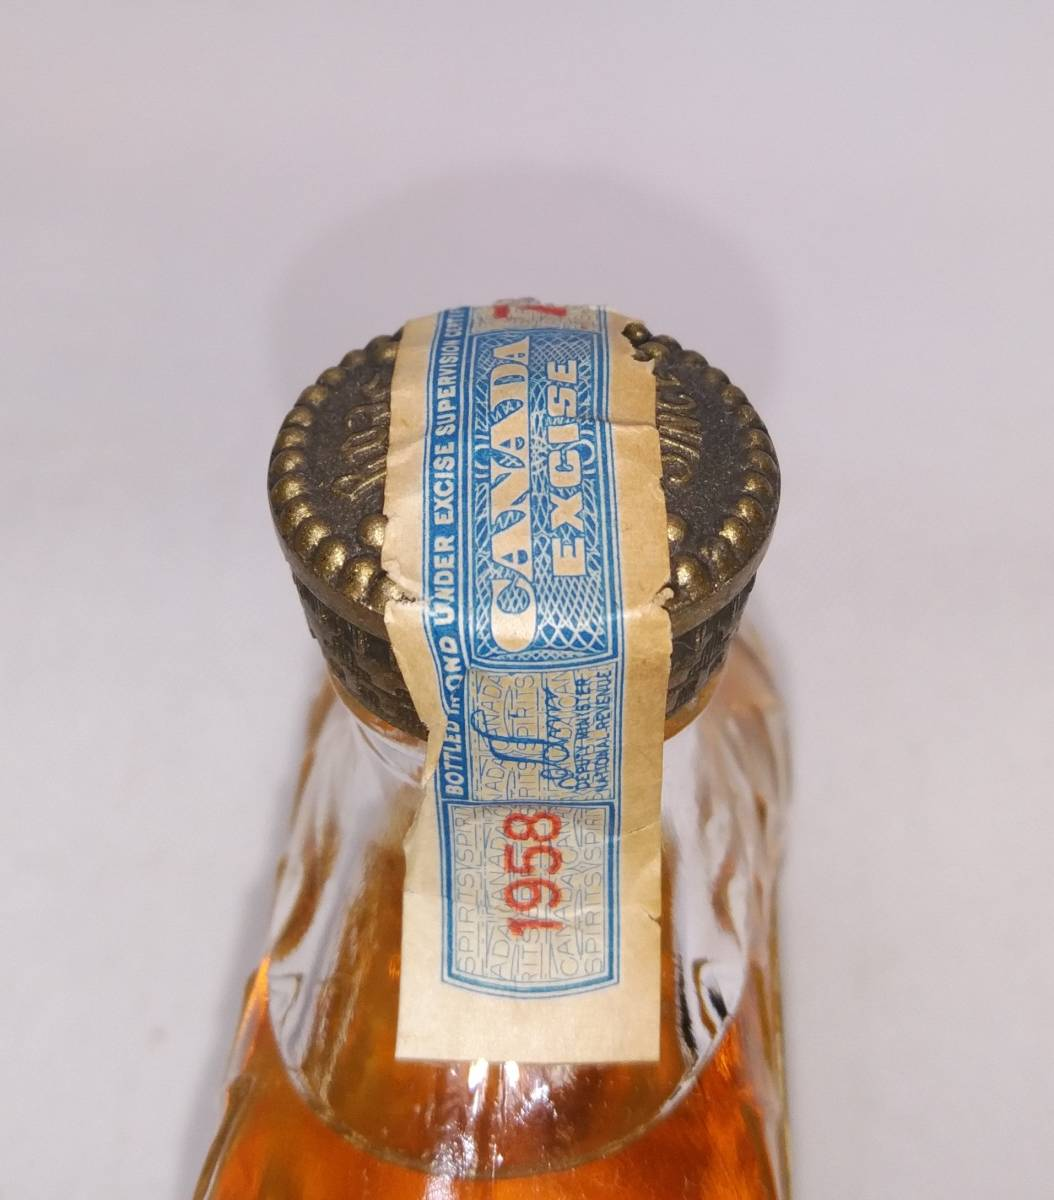 【全国送料無料】Crown Royal Fine De Luxe 1958 40度 1/10PINT=約47ml【クラウンローヤル クラウンロイヤル】